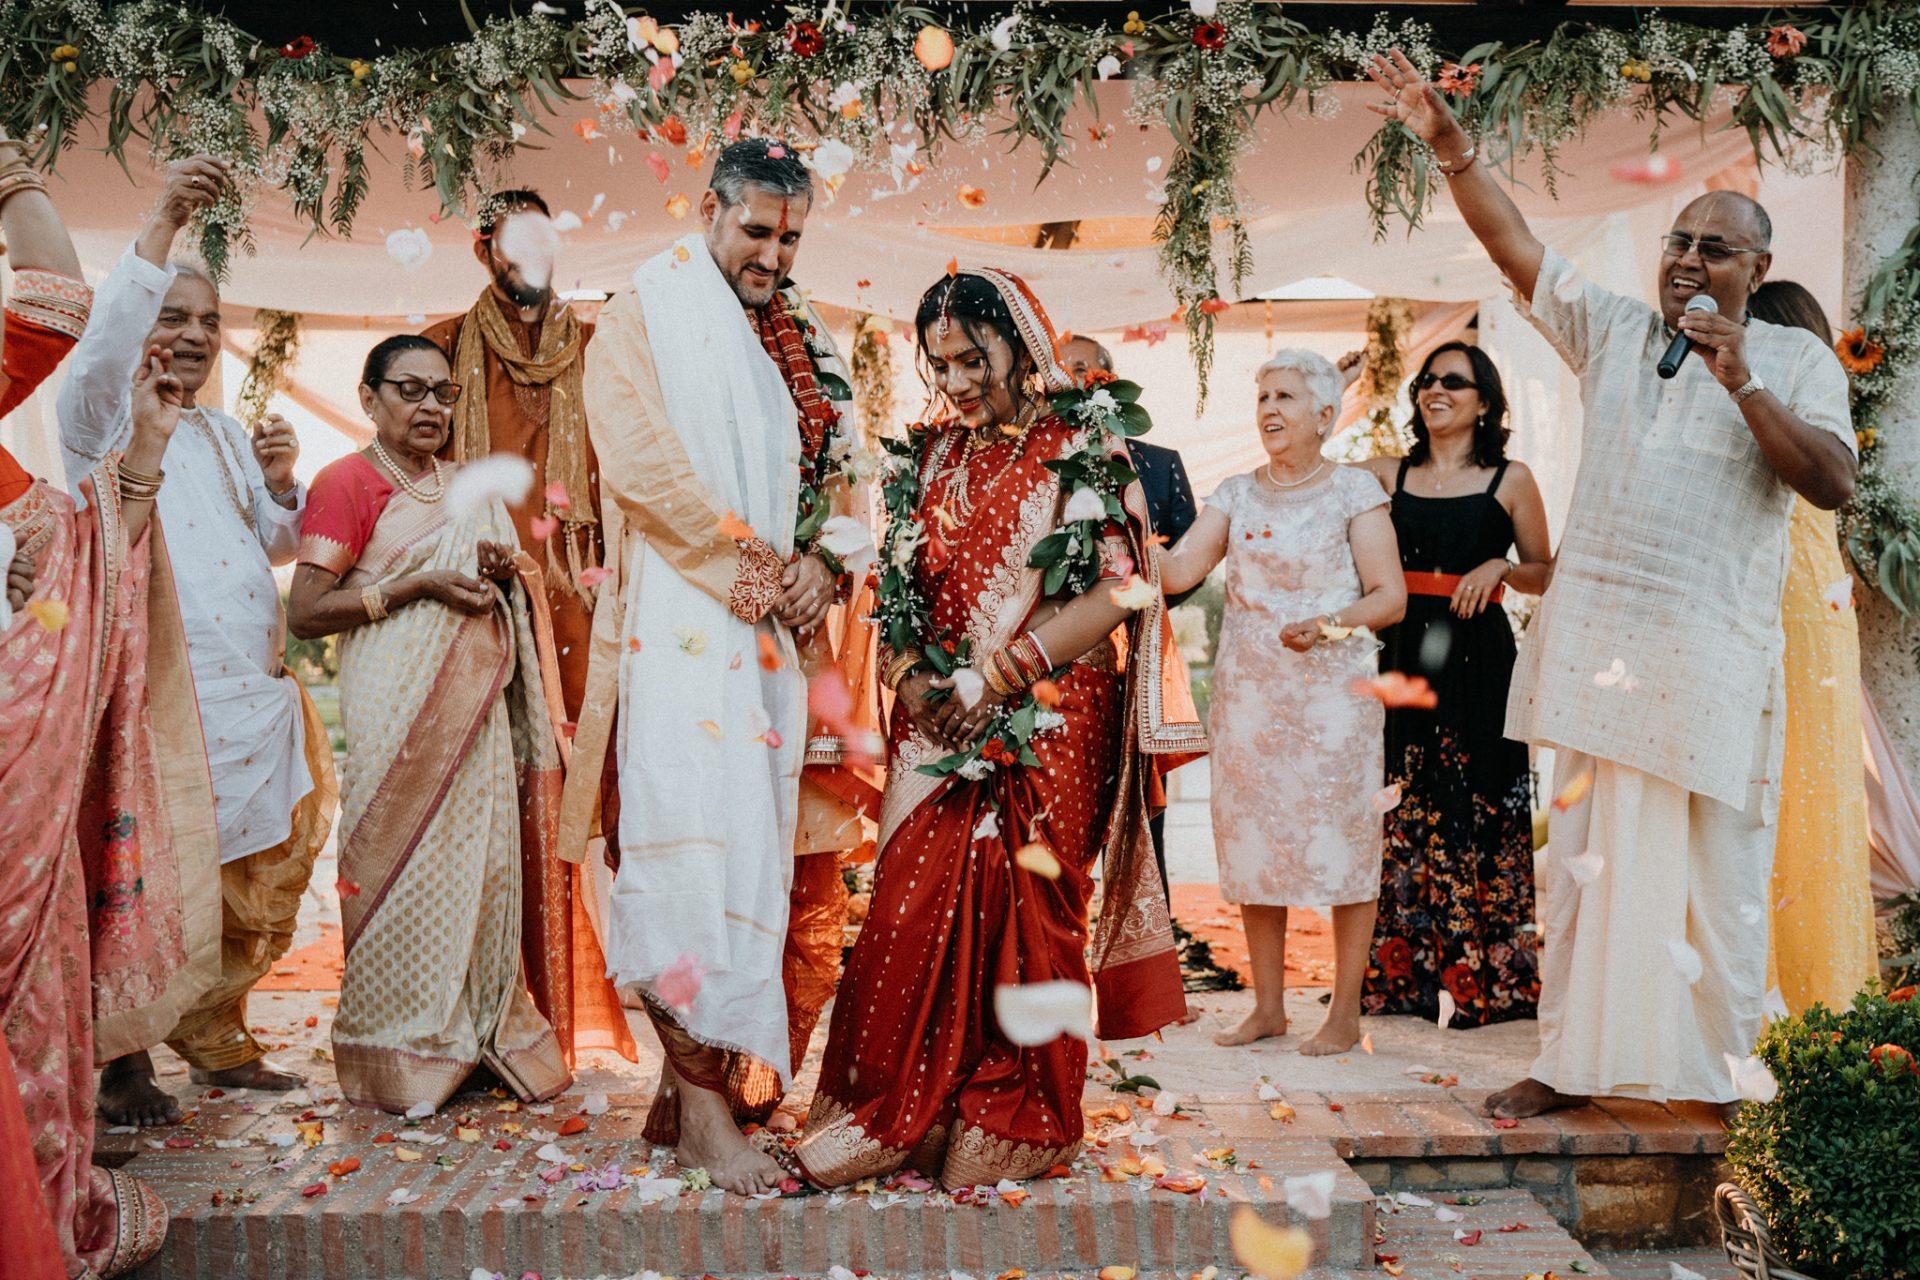 Boda Hindu Fotos y videos de boda en Toledo Photoletum Studio